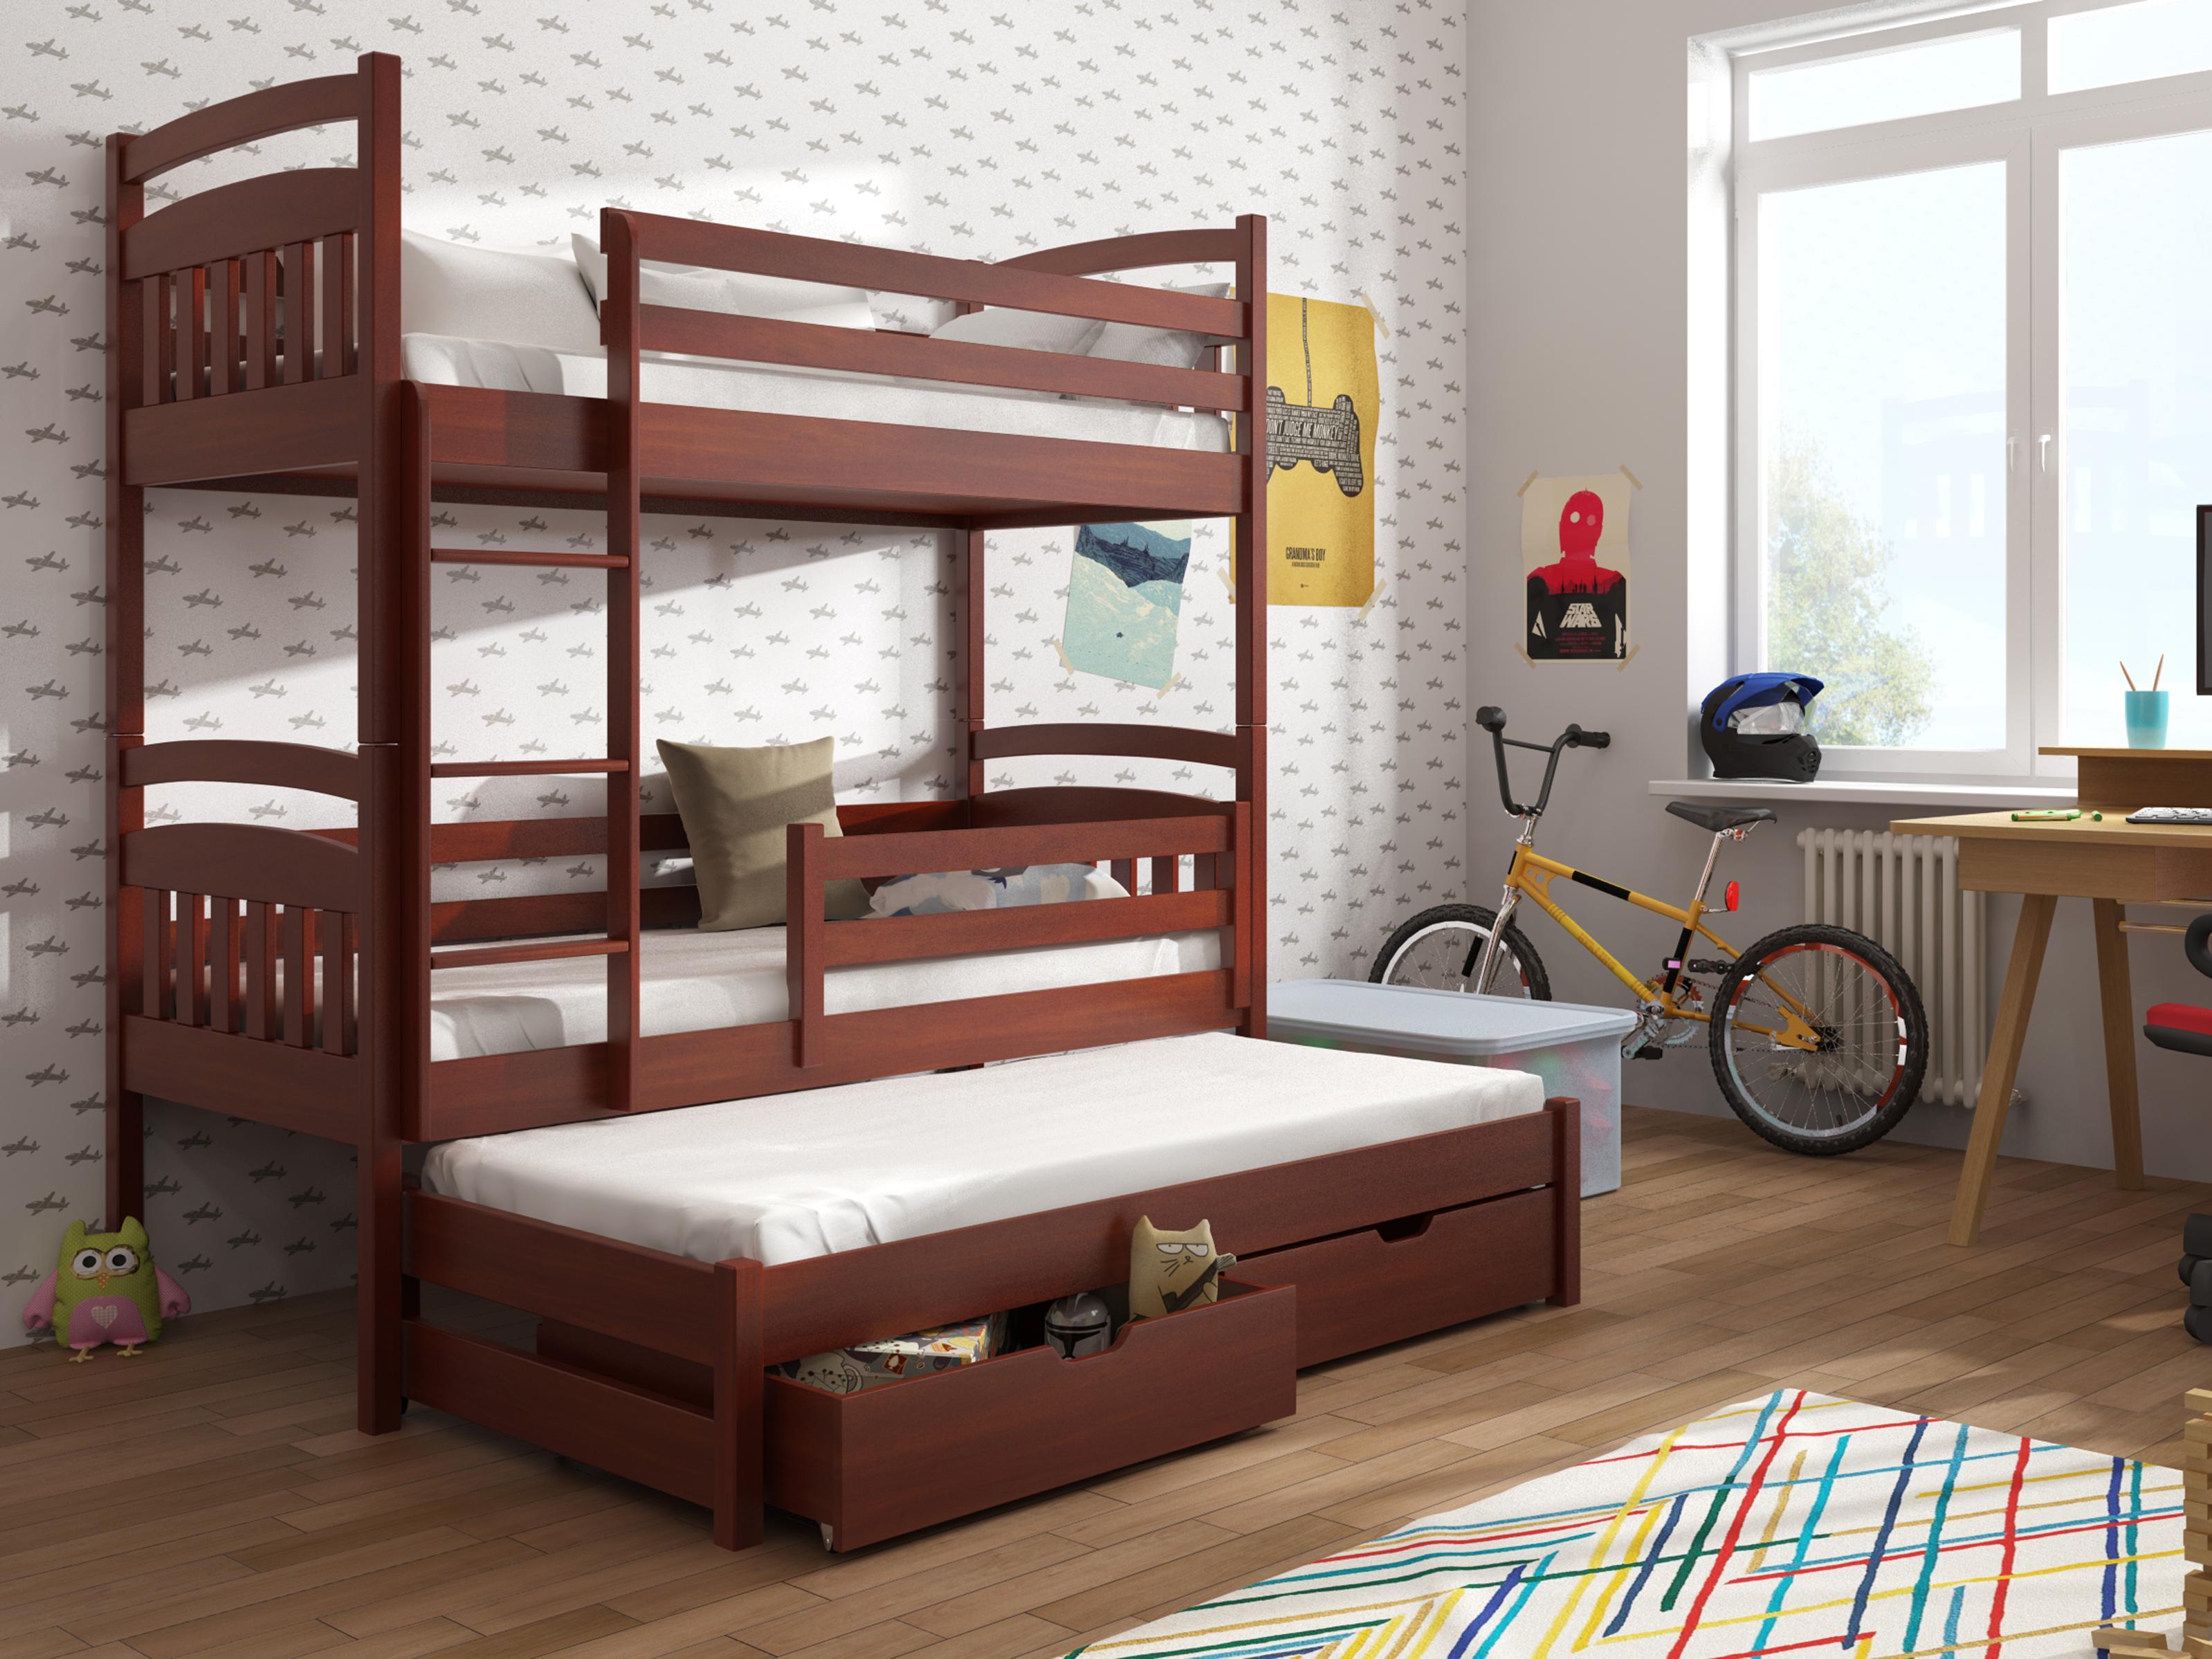 Dětská patrová postel 90 cm - Anie (calvados)